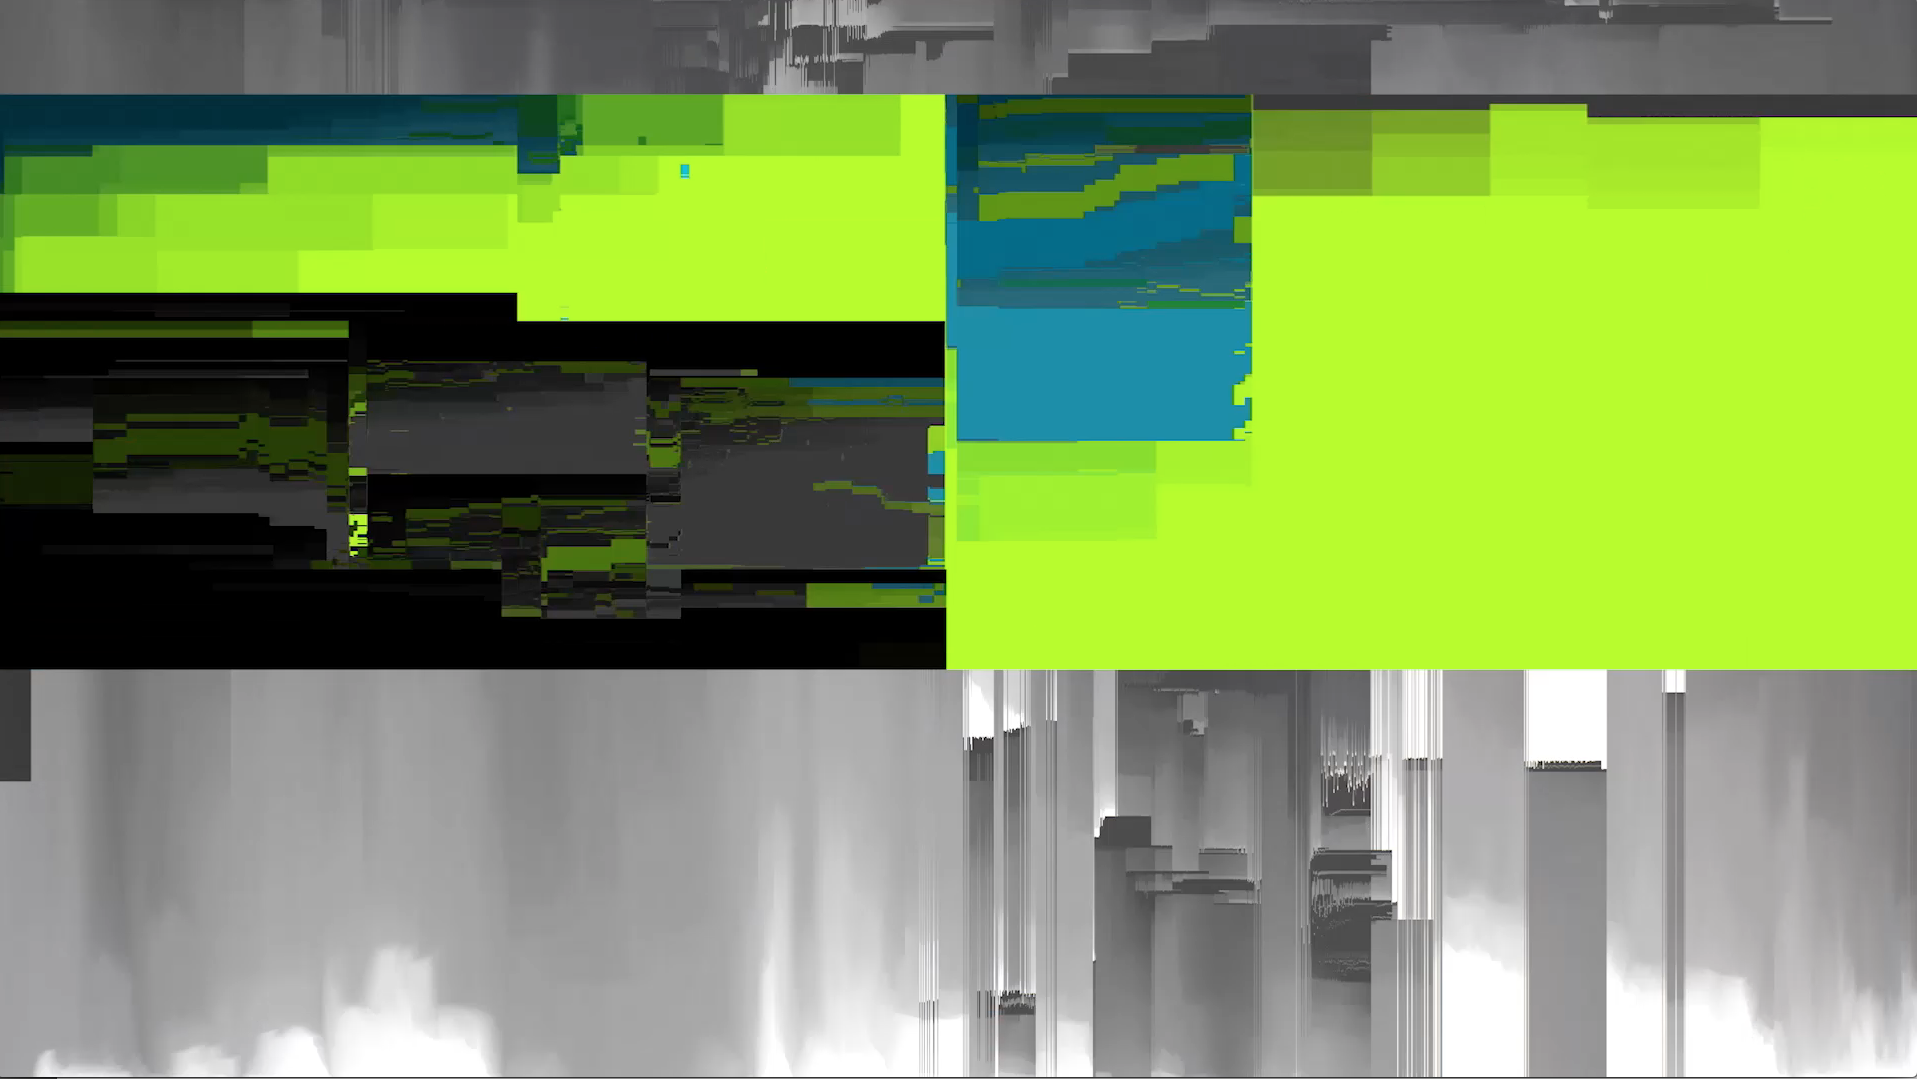 Screen Shot 2018-05-26 at 11.32.15 PM.png